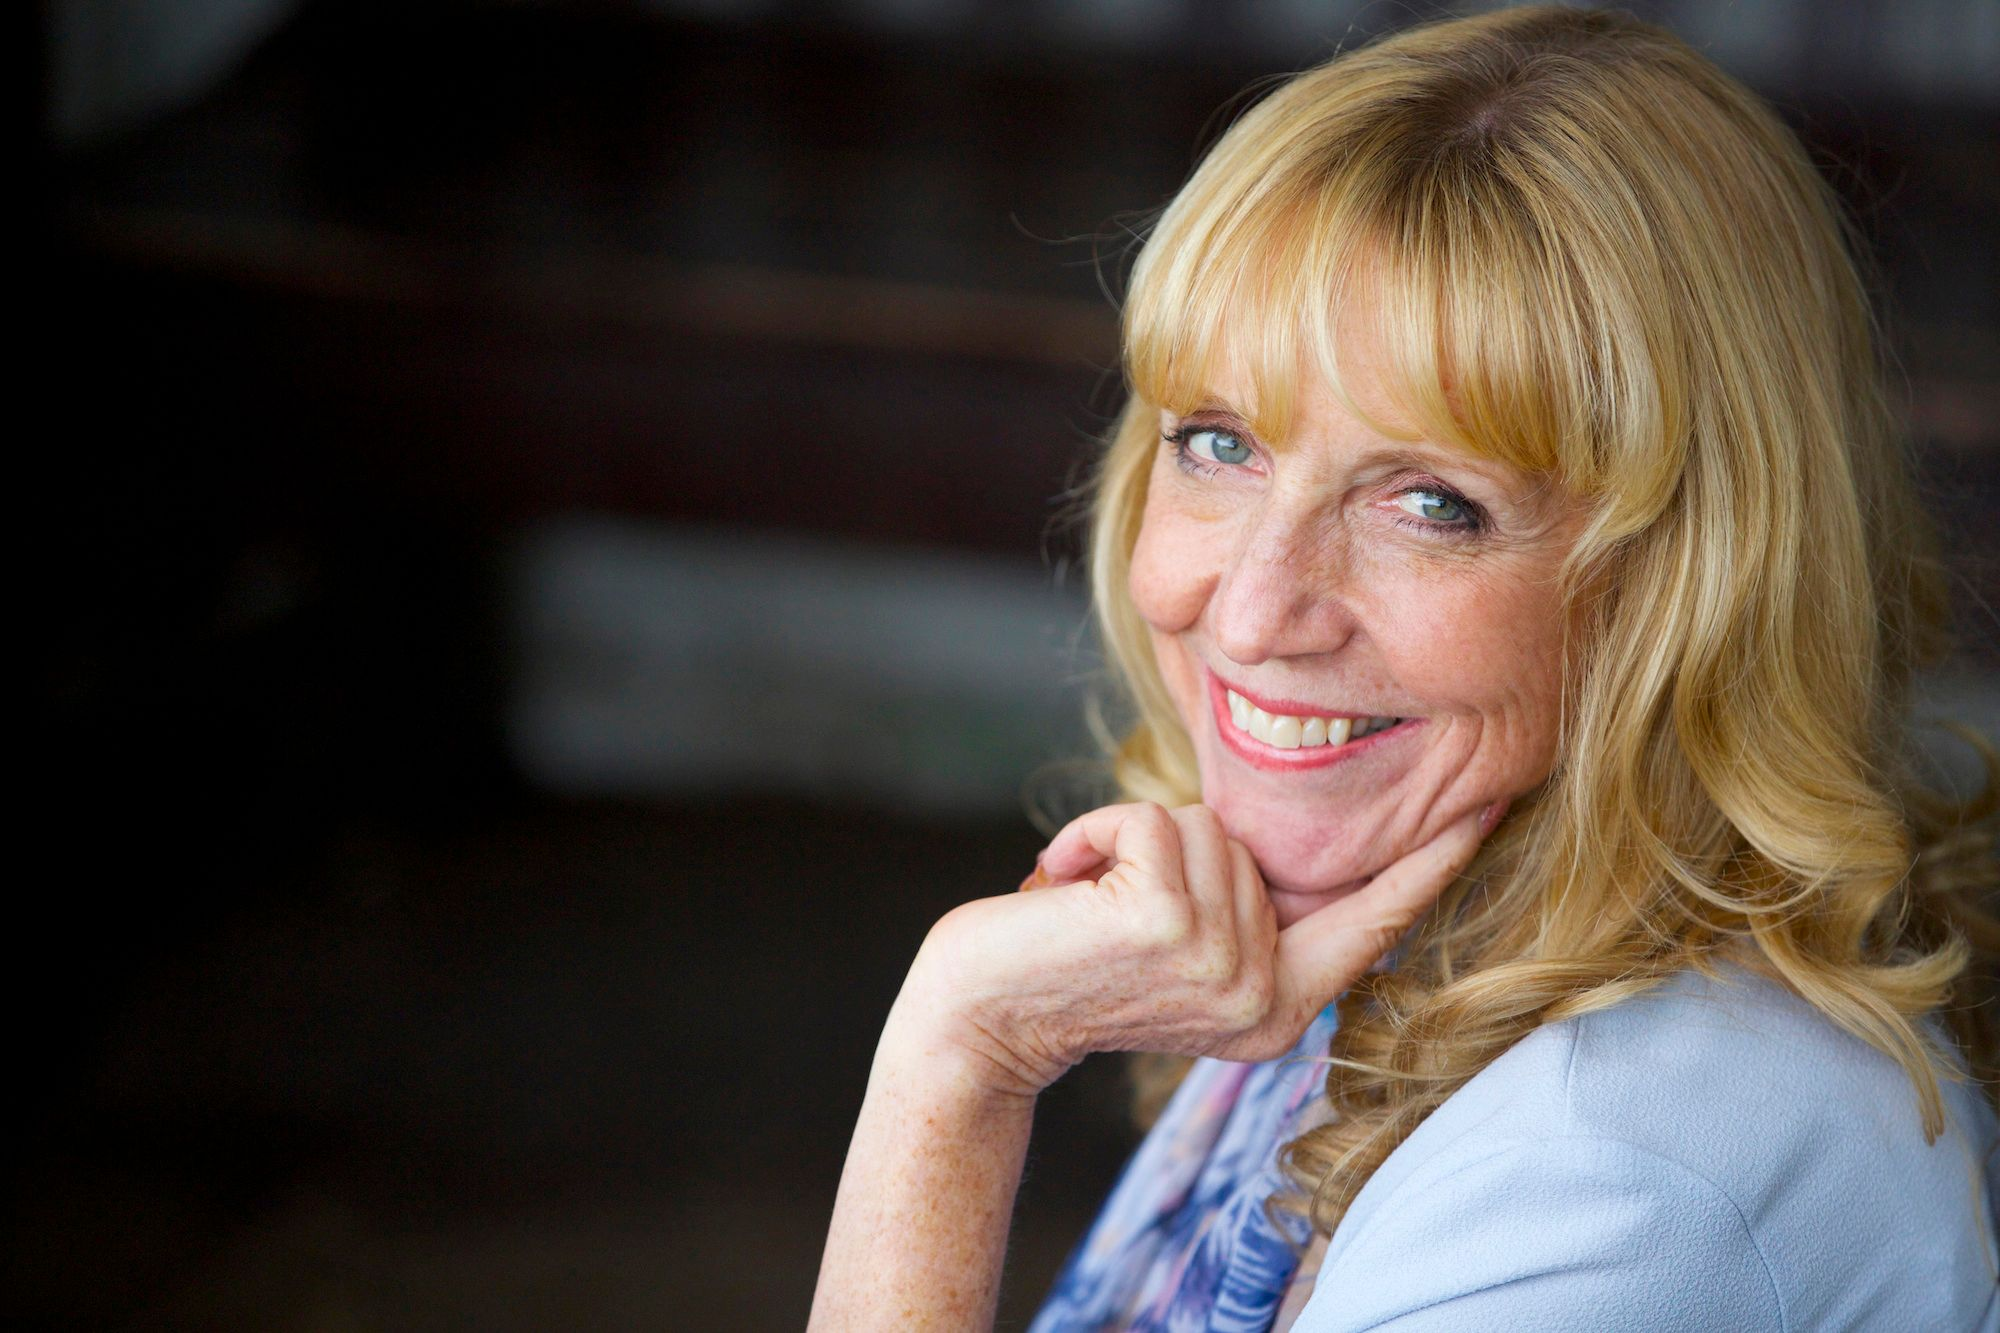 Jenni Hallam podcast pic http://globaldotmedia.com